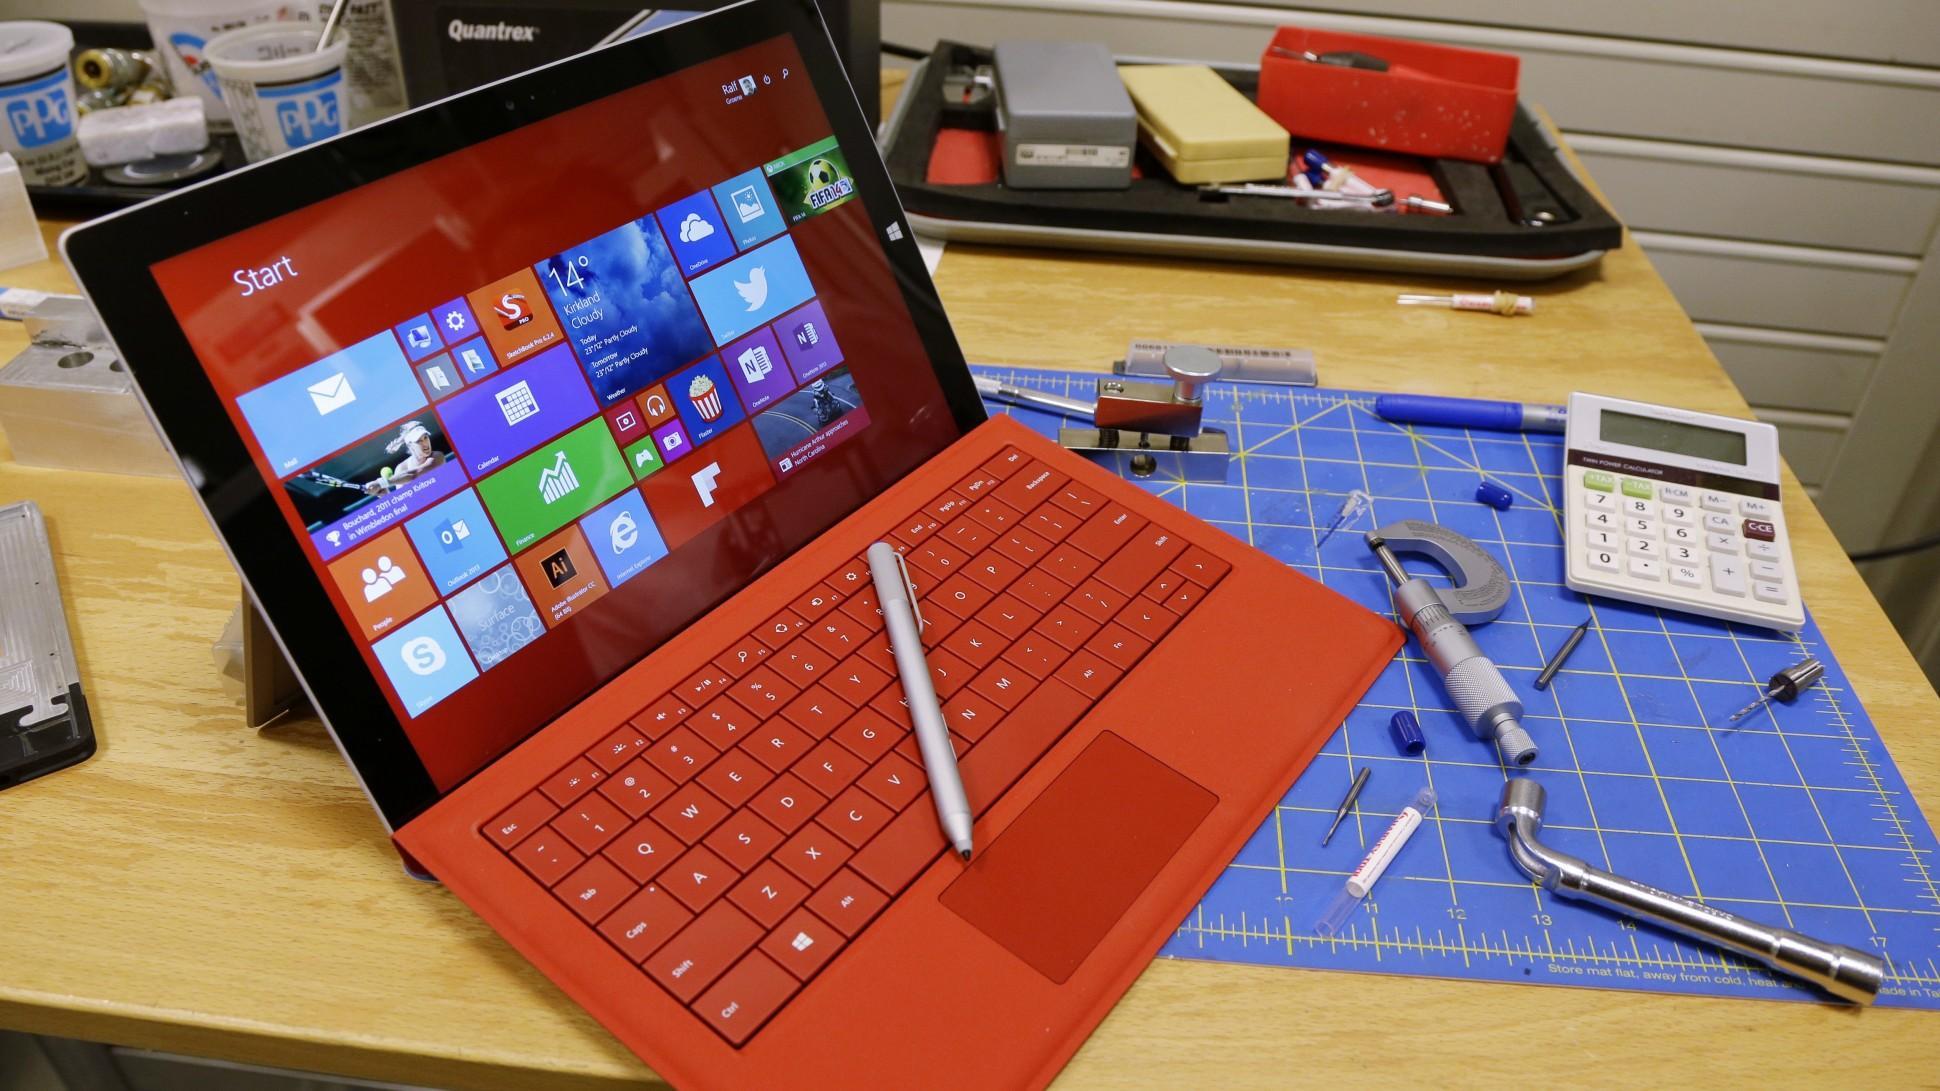 Surface Pro 3 giá bao nhiêu? Mua cũ hay mới?